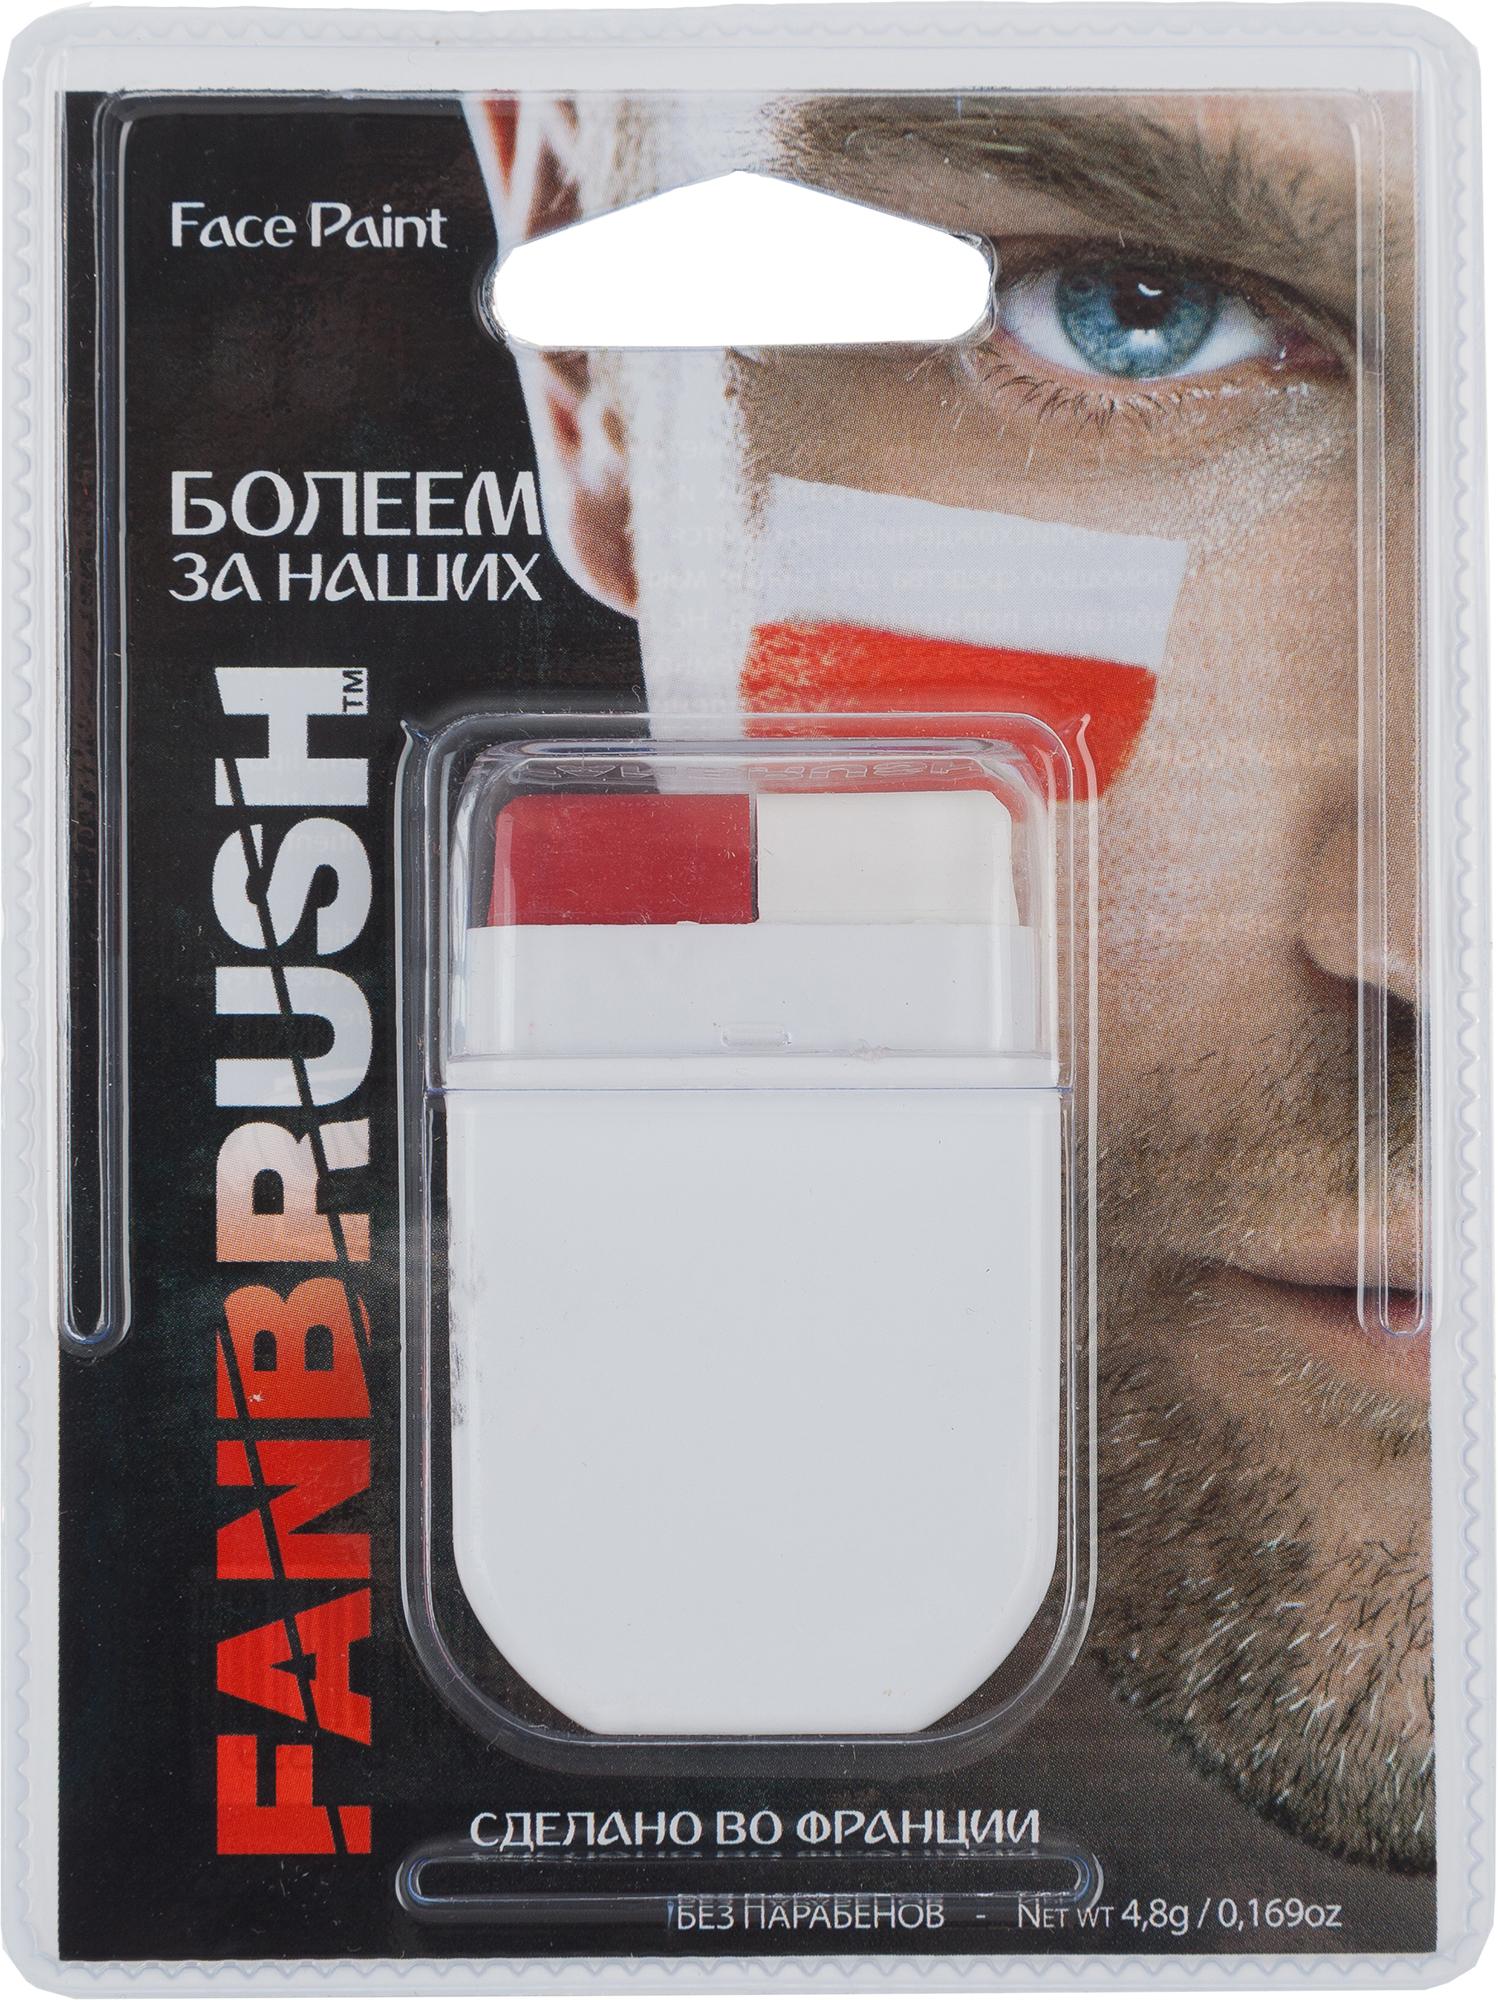 no brand Аквагрим для болельщиков Fanbrush, 2 цвета